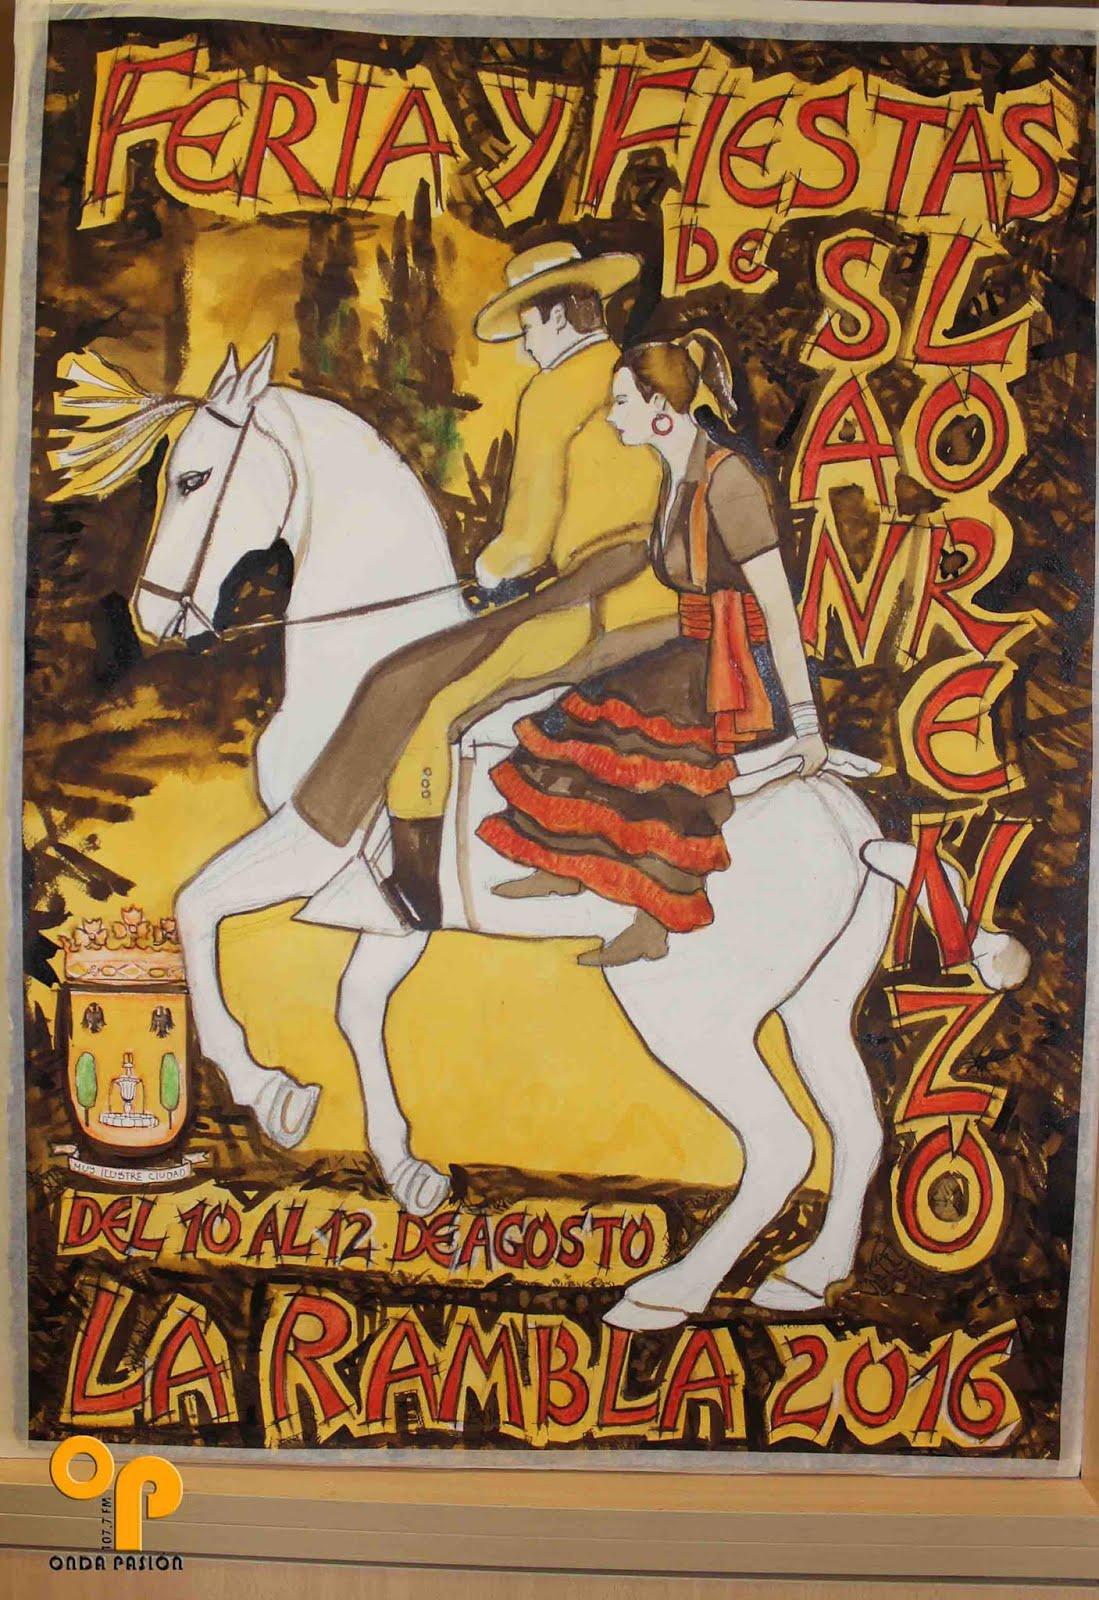 Ferias y Fiestas de San Lorenzo 2016